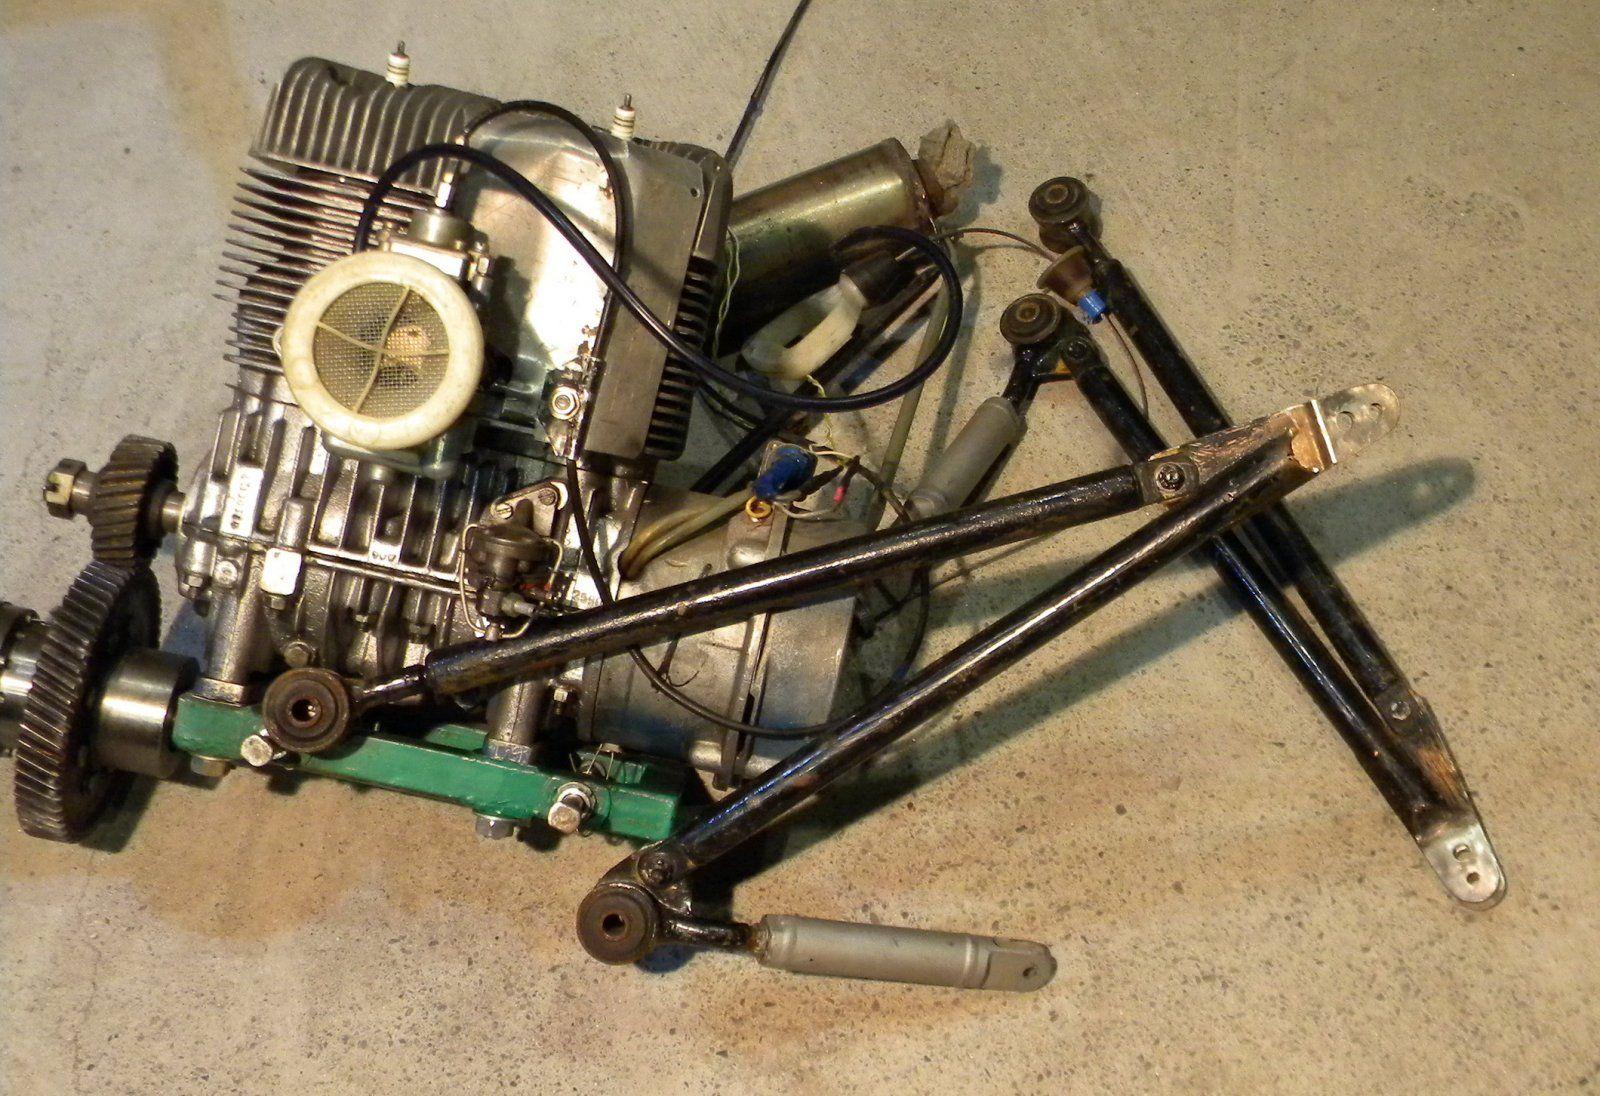 DSCN8089.JPG